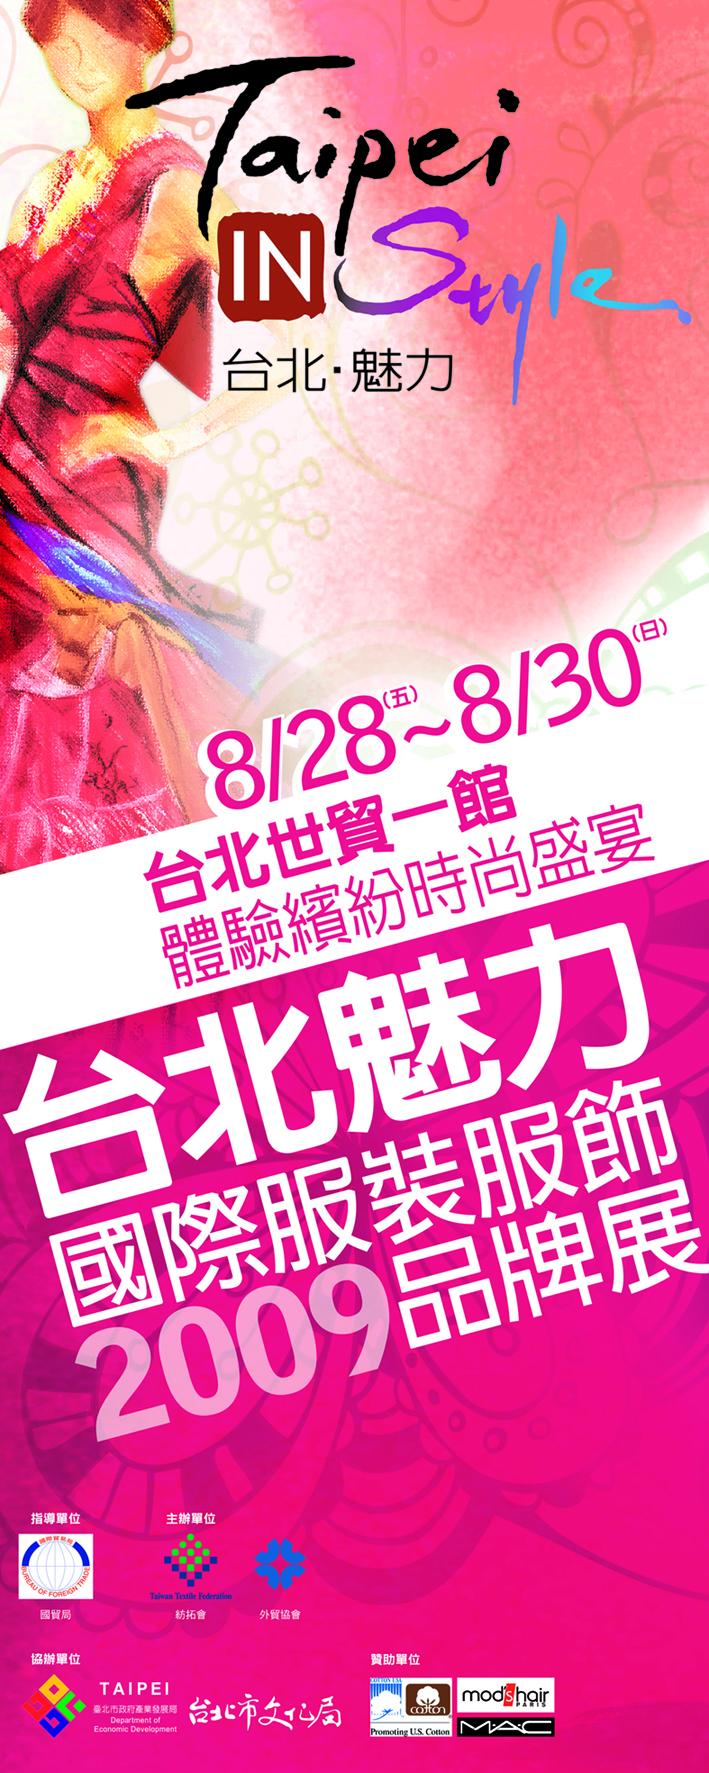 2009年Taipei IN Style台北魅力國際服裝服飾品牌展將在8月28日至30日期間,上午10點至下午6點於台北世貿中心展覽一館展...